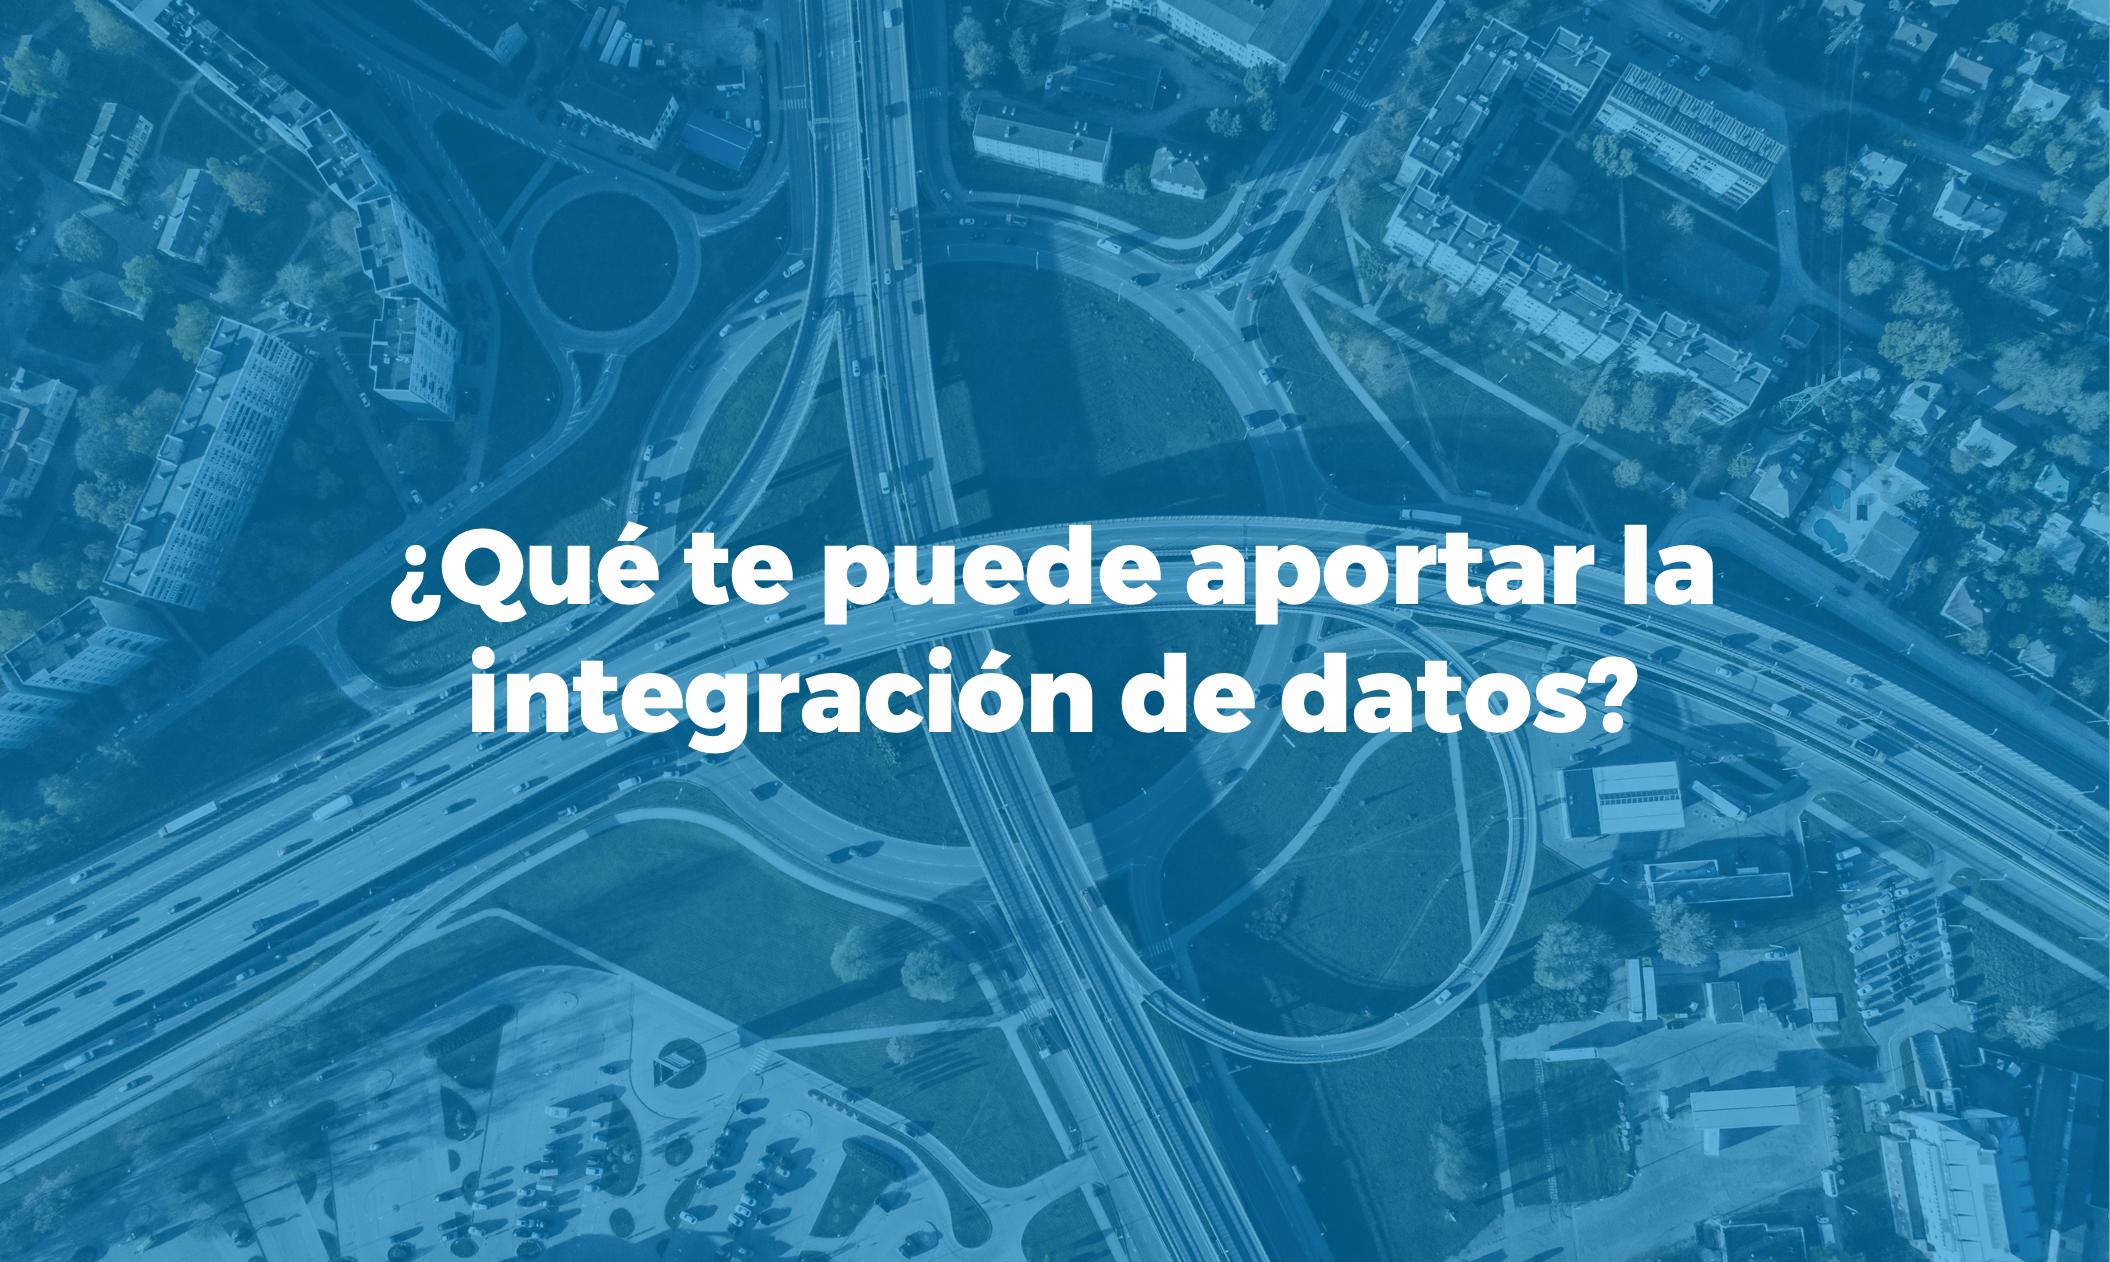 La importancia de la integración de datos en Business Intelligence